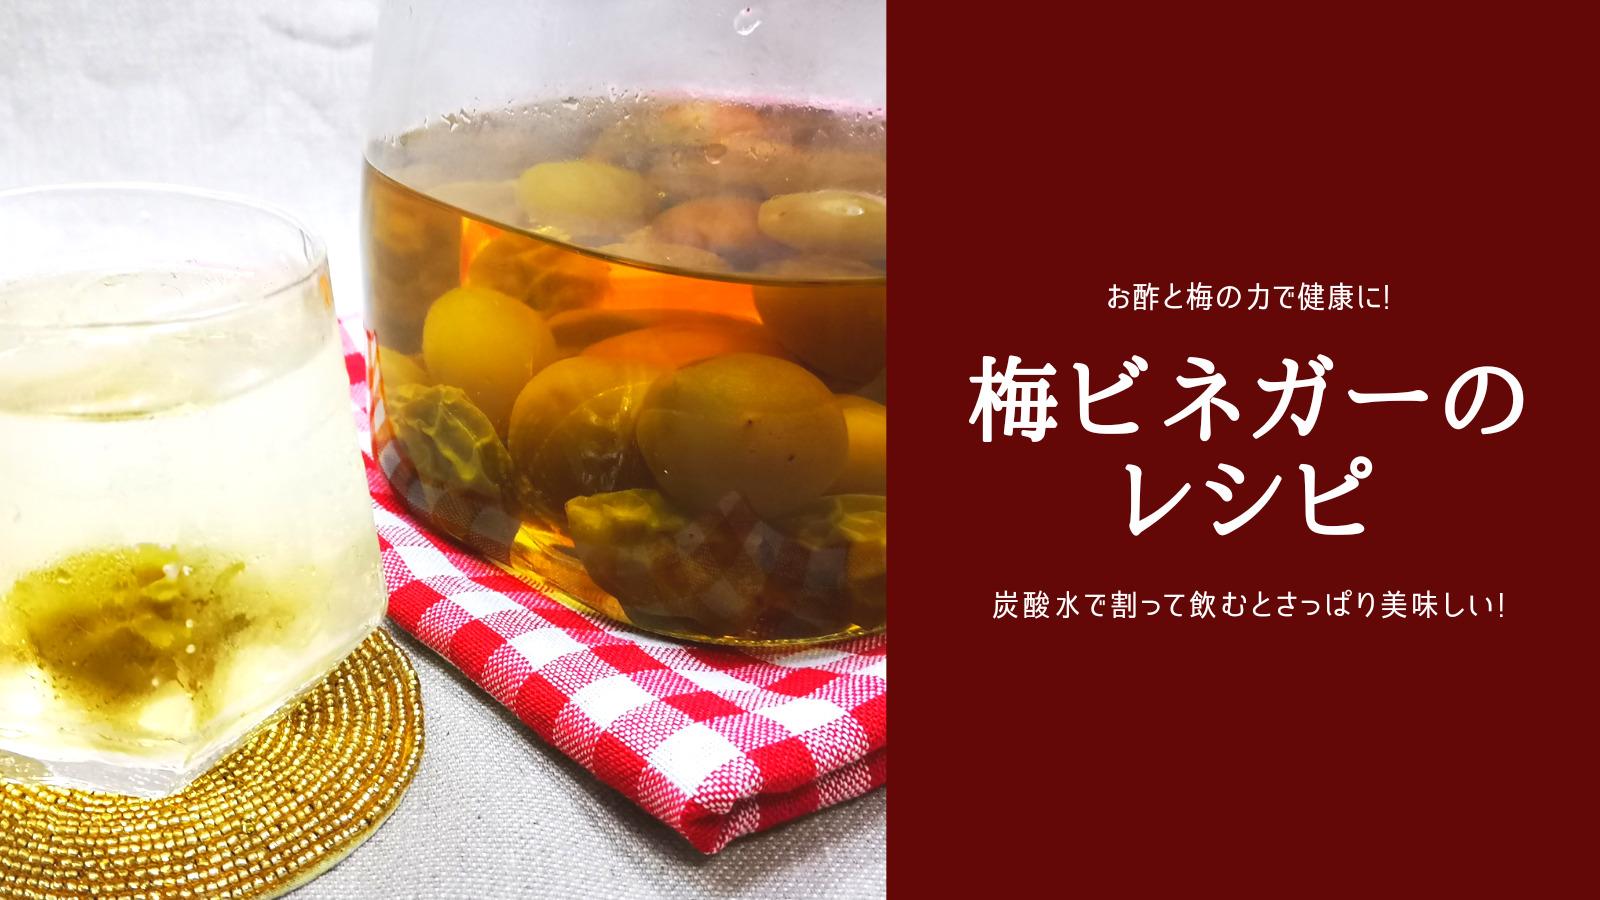 お酢と梅の力で健康に!梅ビネガーのレシピ(2リットル瓶)